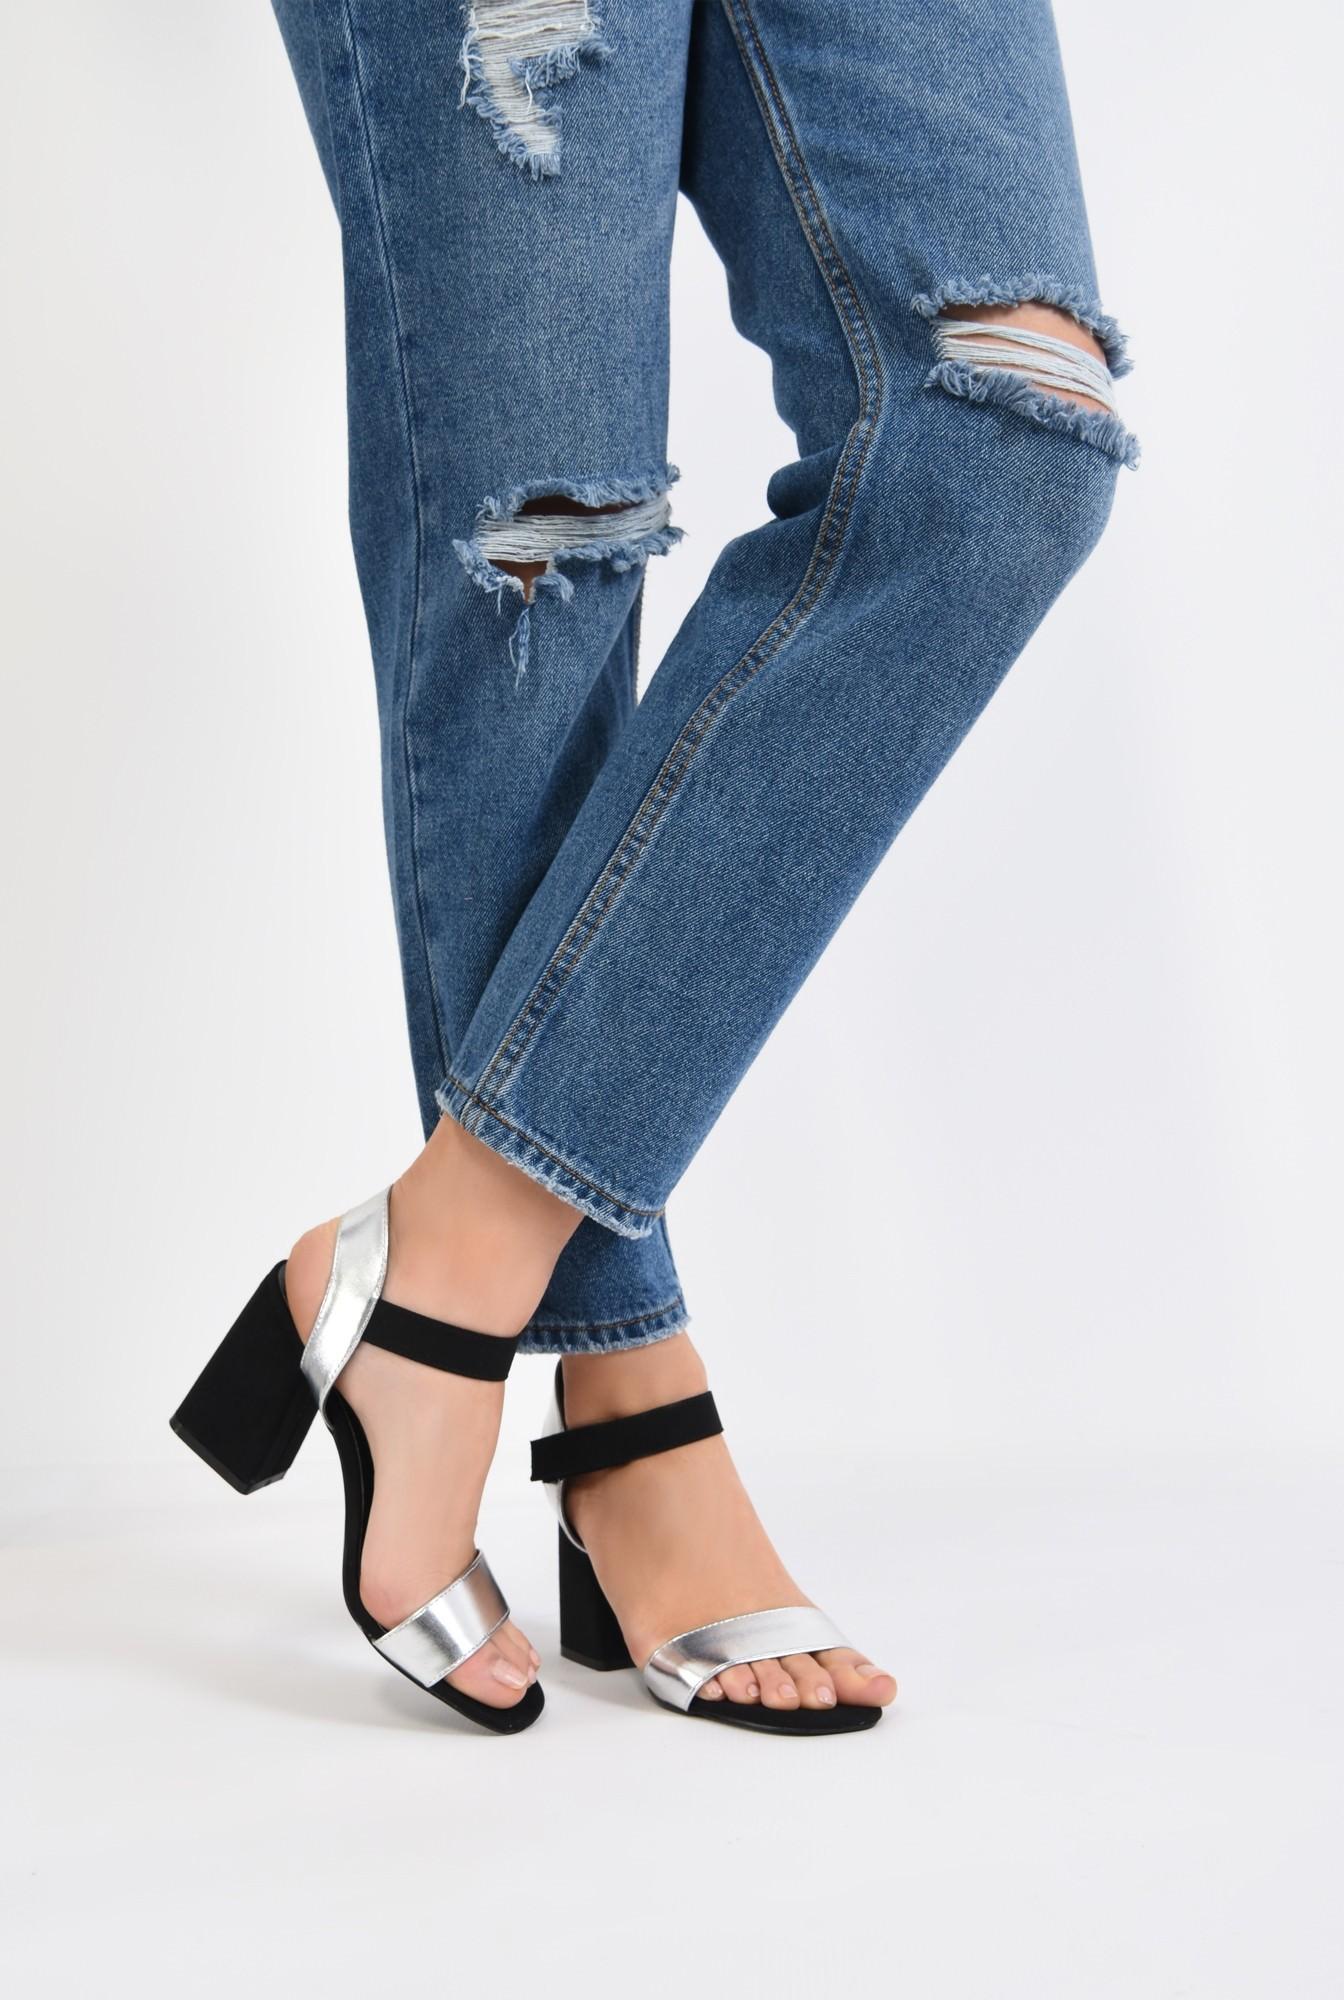 4 - sandale casual, bicolore, negru, argintiu, inchidere cu scai